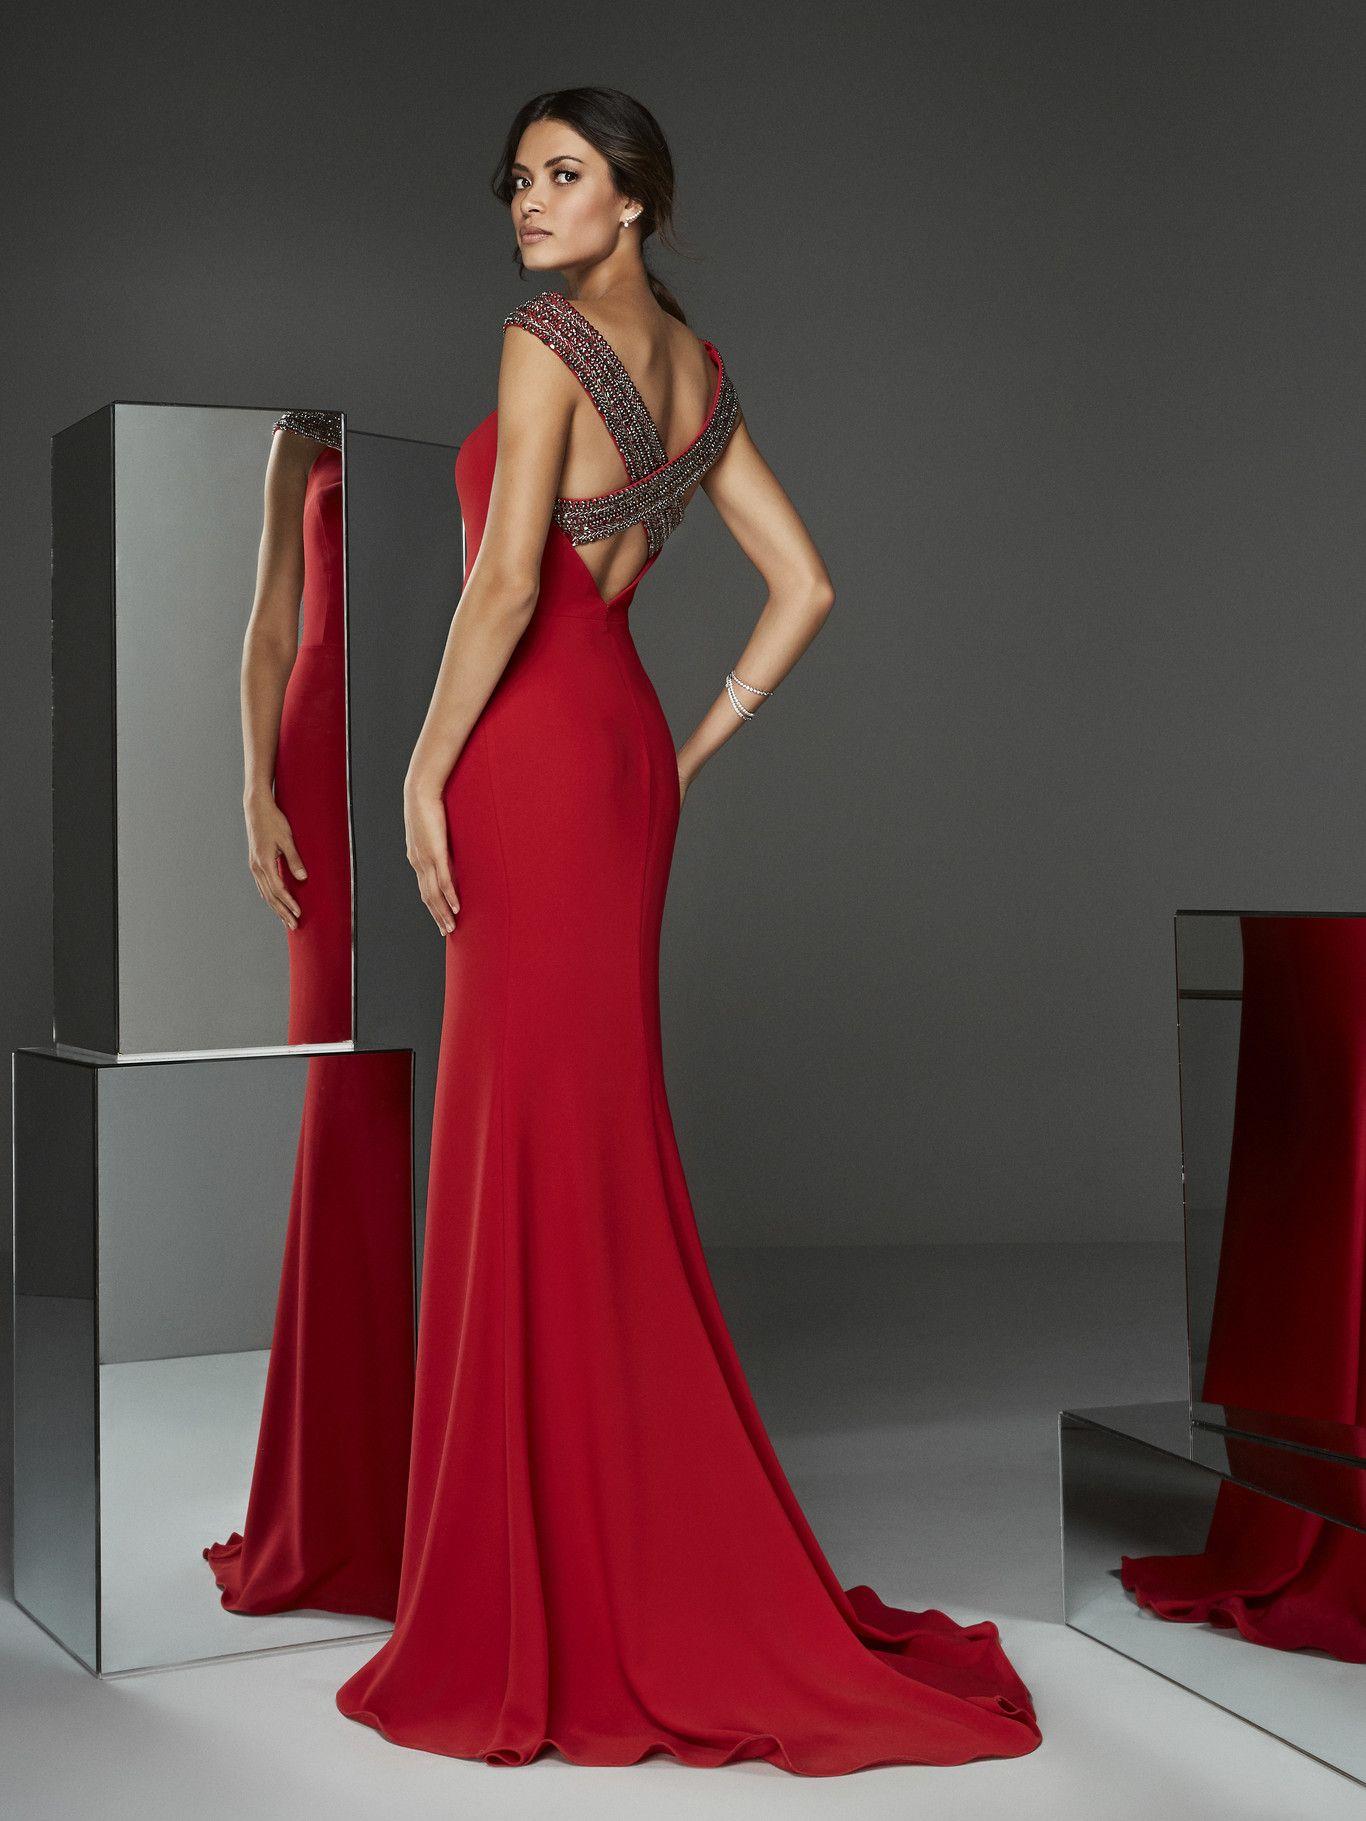 Los 89 Vestidos De Fiesta De Pronovias Colección 2020 Diseños De Alfombra Roja Con Lo Vestidos De Fiesta Vestidos Fiesta Pronovias Vestido Invitada Boda Noche